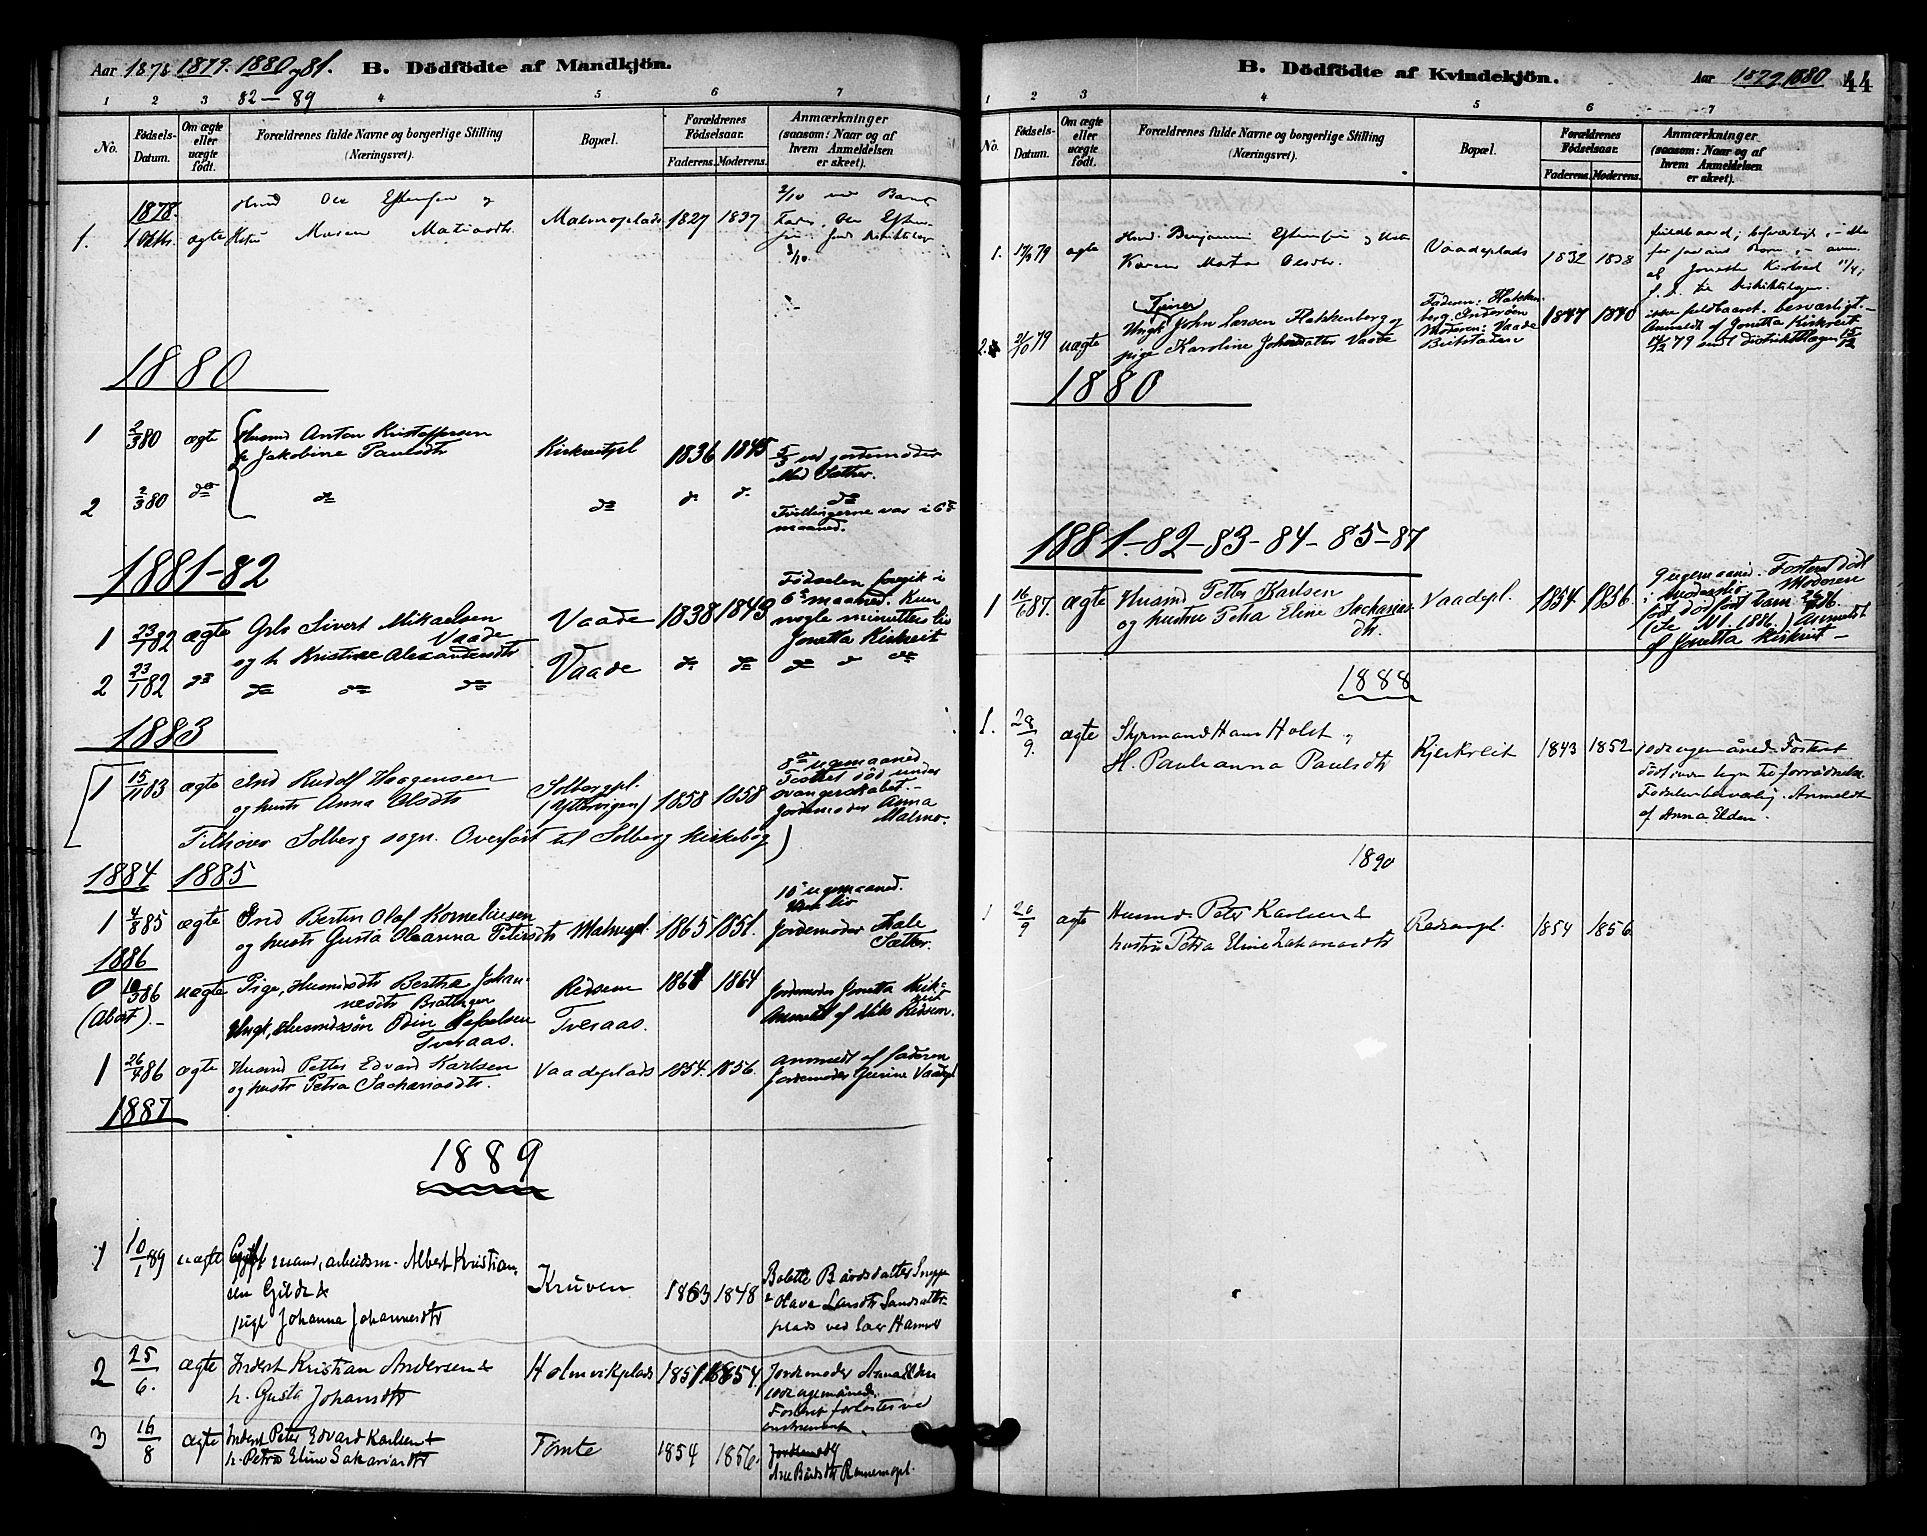 SAT, Ministerialprotokoller, klokkerbøker og fødselsregistre - Nord-Trøndelag, 745/L0429: Ministerialbok nr. 745A01, 1878-1894, s. 44